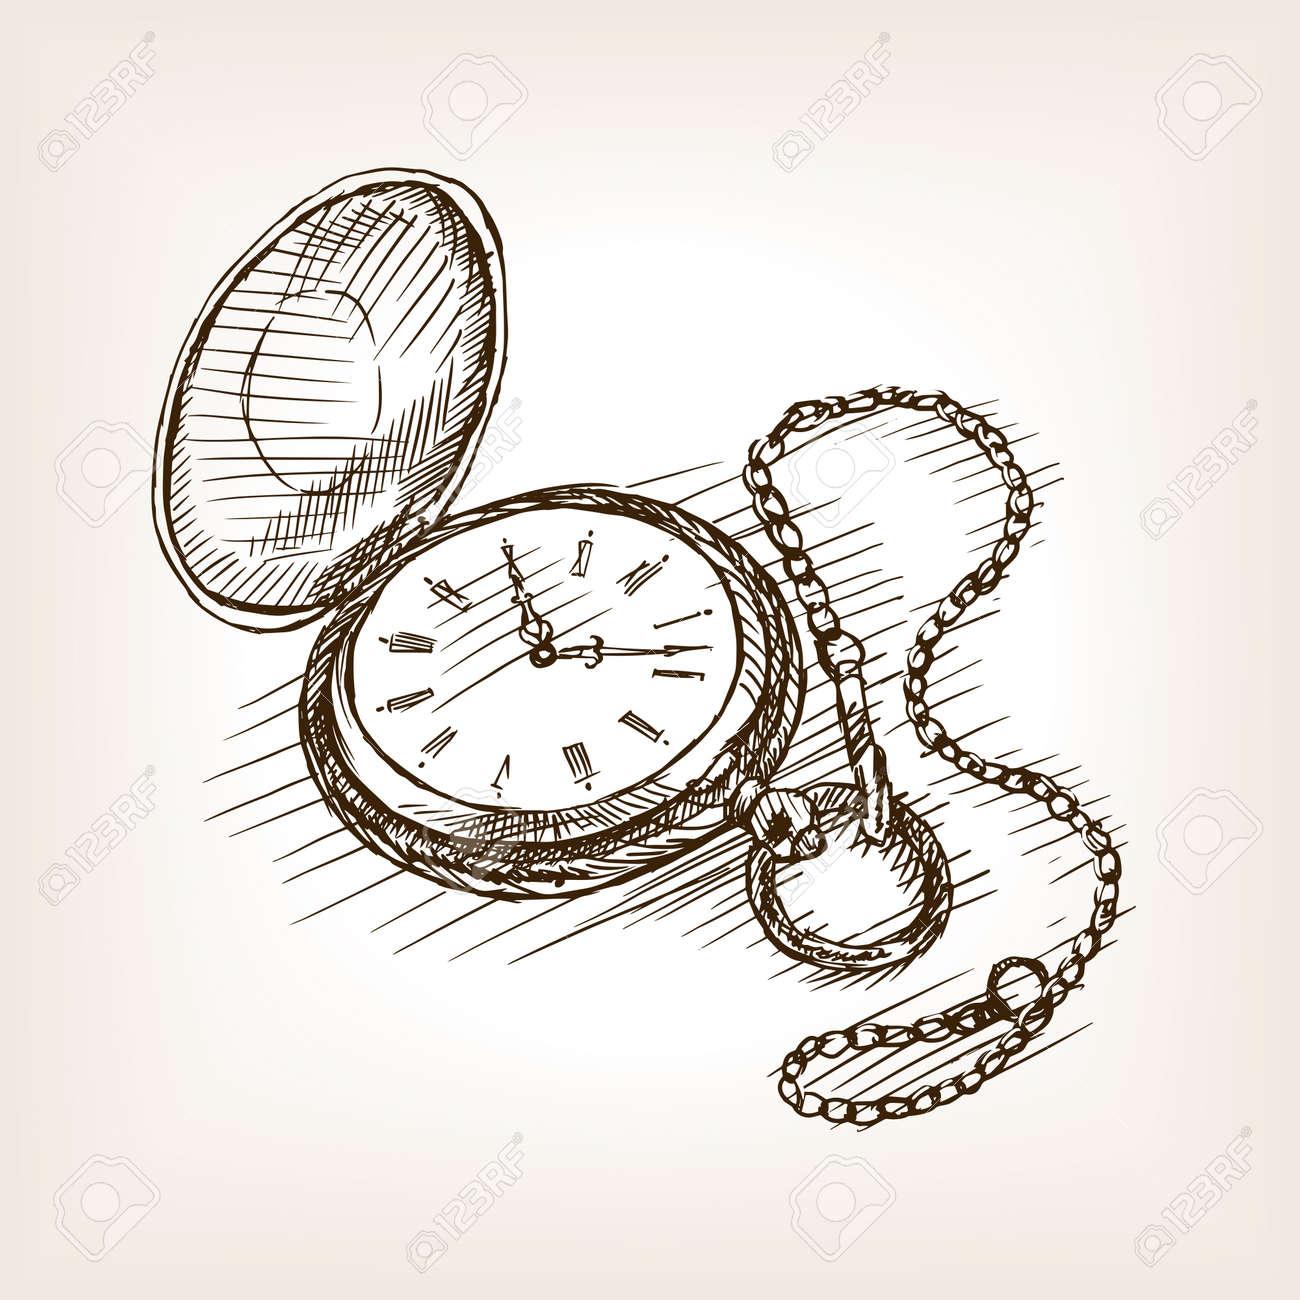 Ilustración Vectorial De Estilo De Dibujo Del Reloj De Bolsillo De Edad Grabado Antiguo De Imitación Ilustraciones Vectoriales Clip Art Vectorizado Libre De Derechos Image 57222189